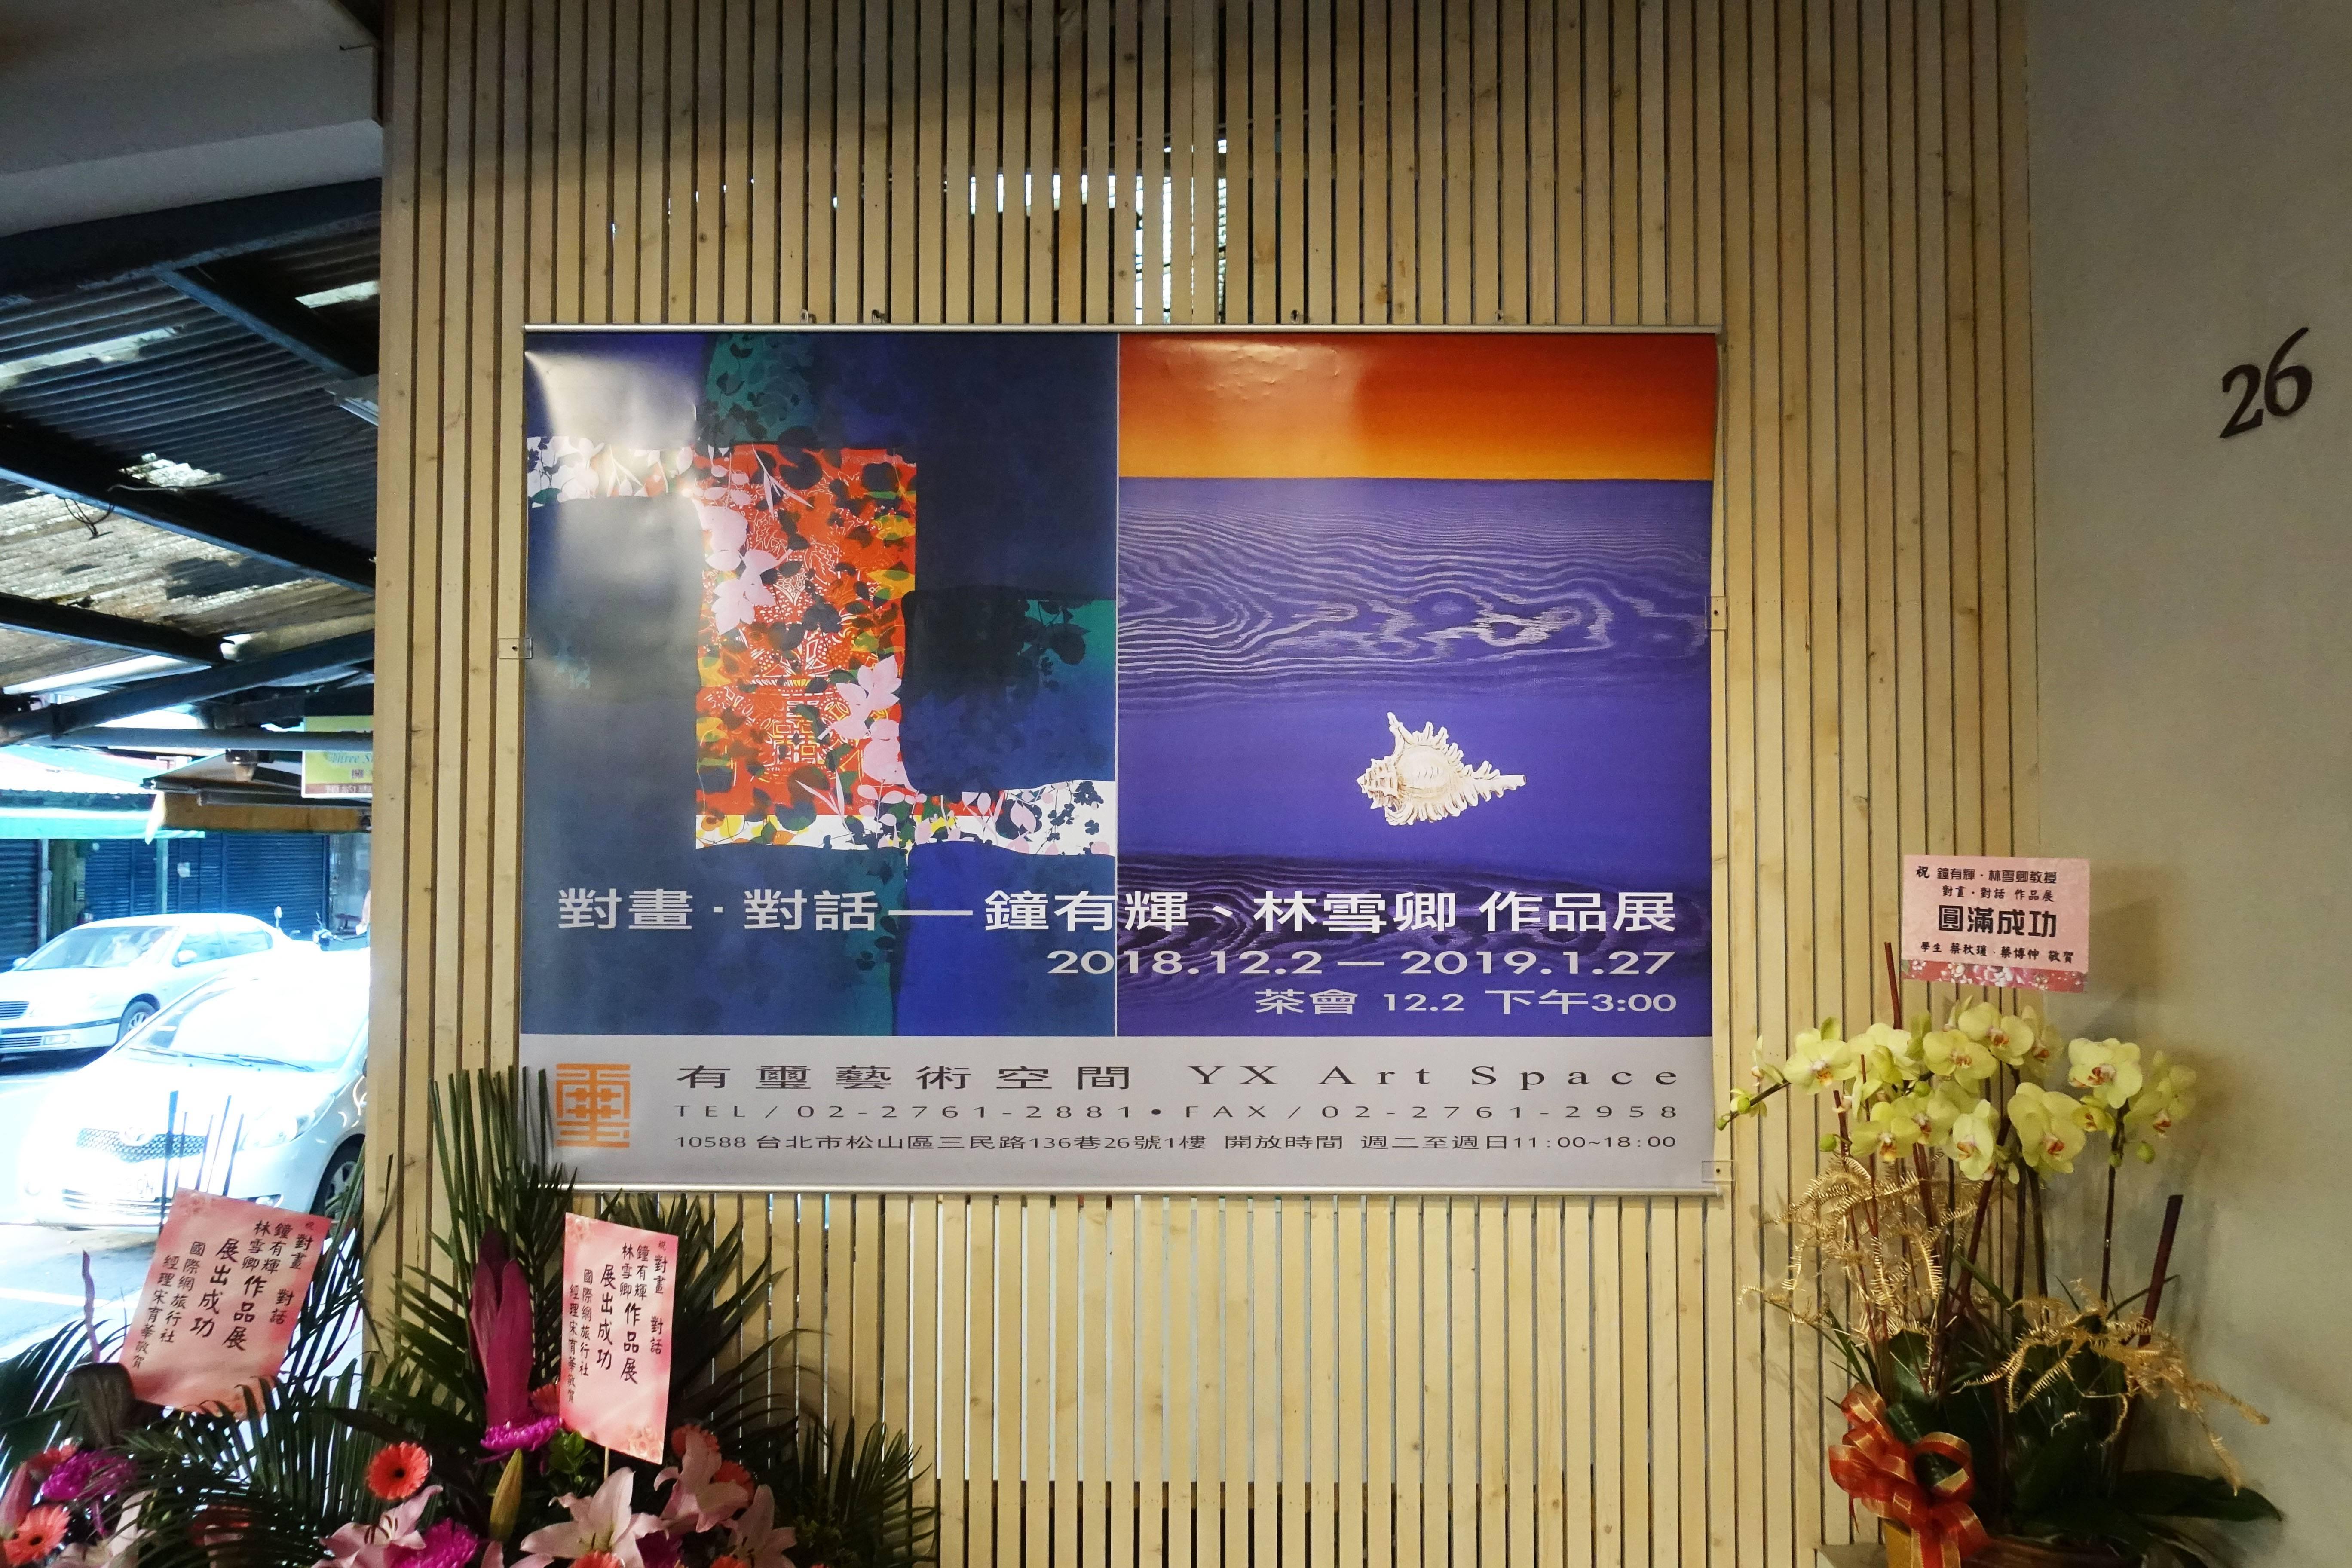 有璽藝術空間現場展覽外觀主視覺。